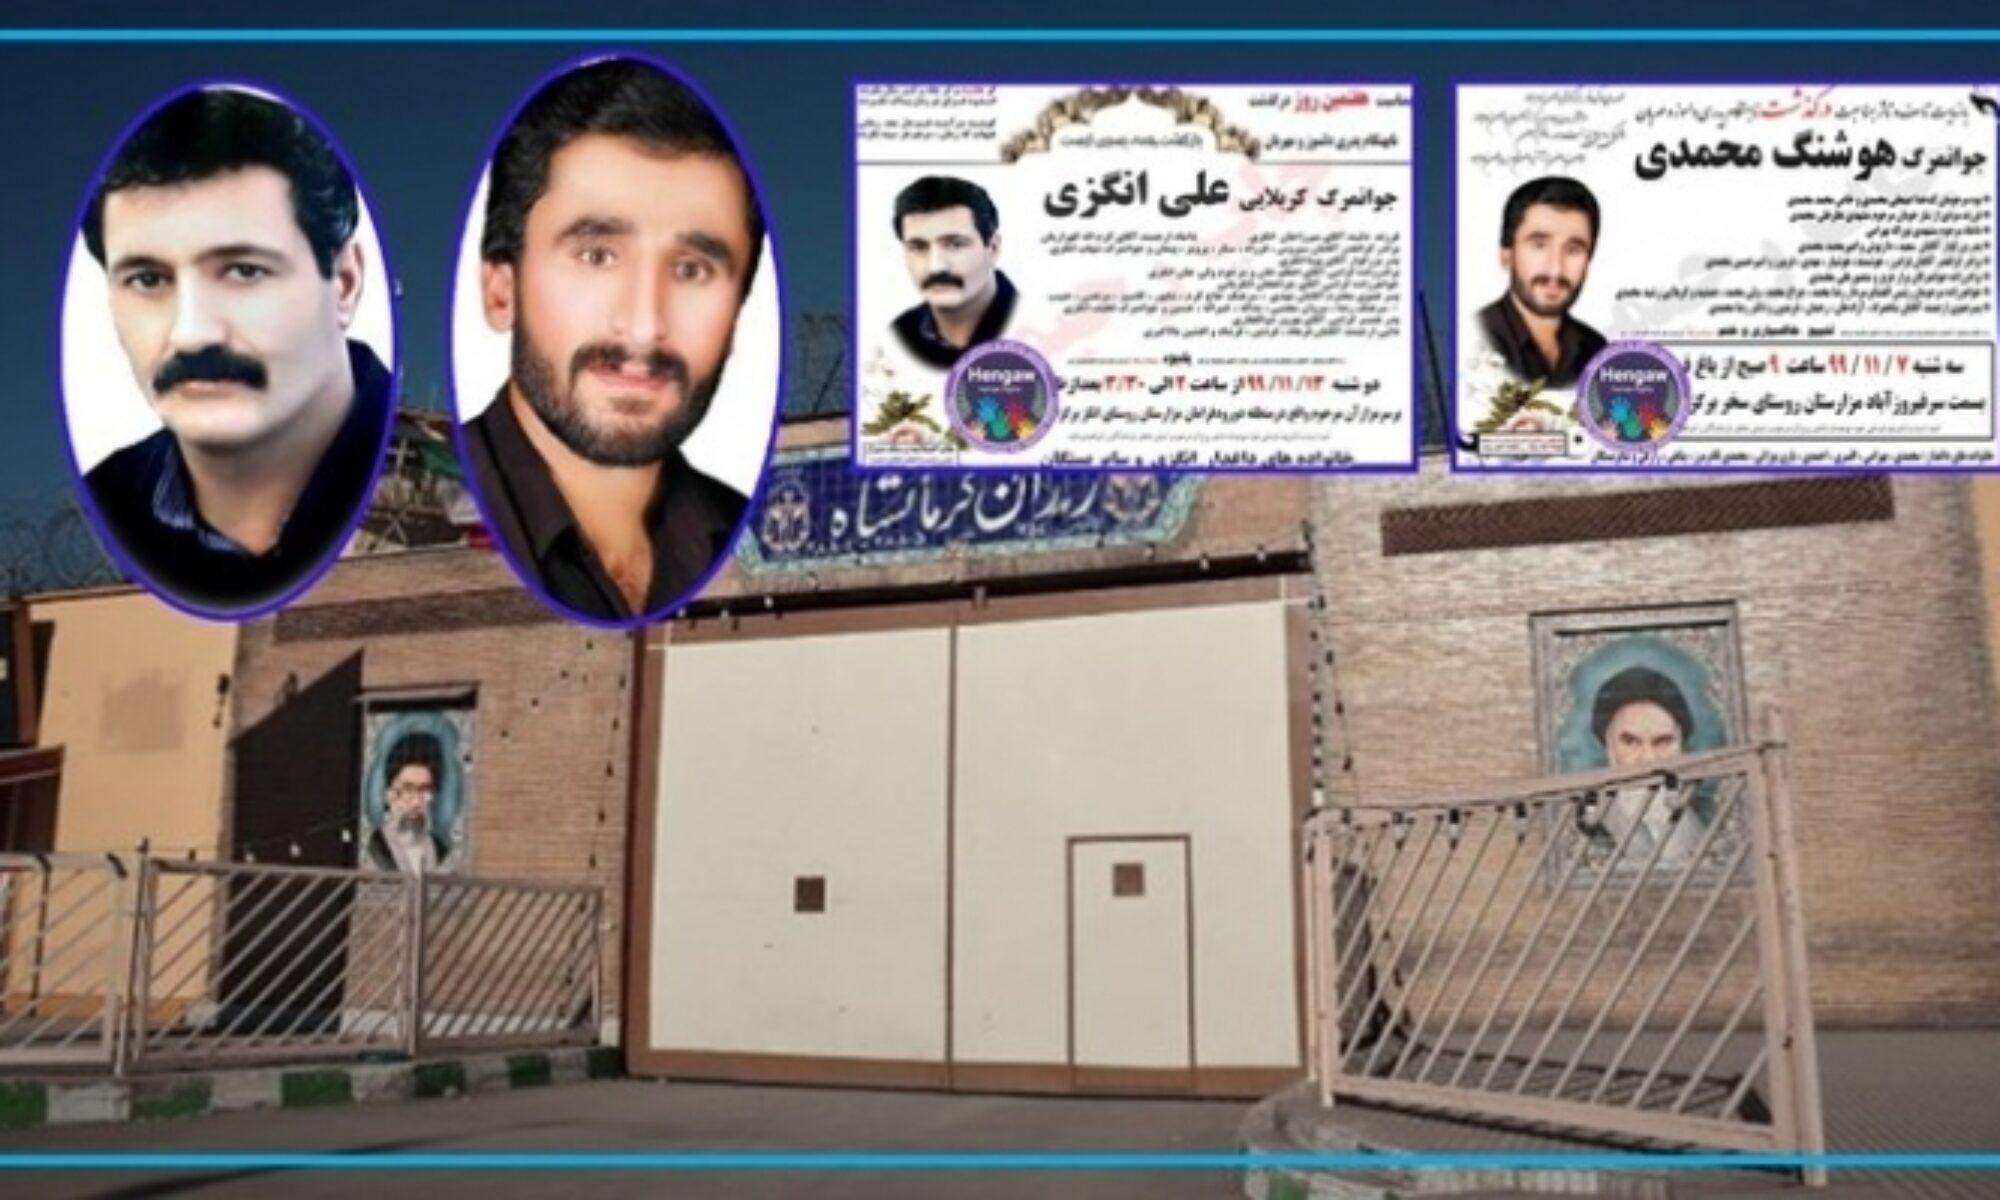 Doğu Kürdistan: İran rejimi üç Kürdü gizlice idam etti